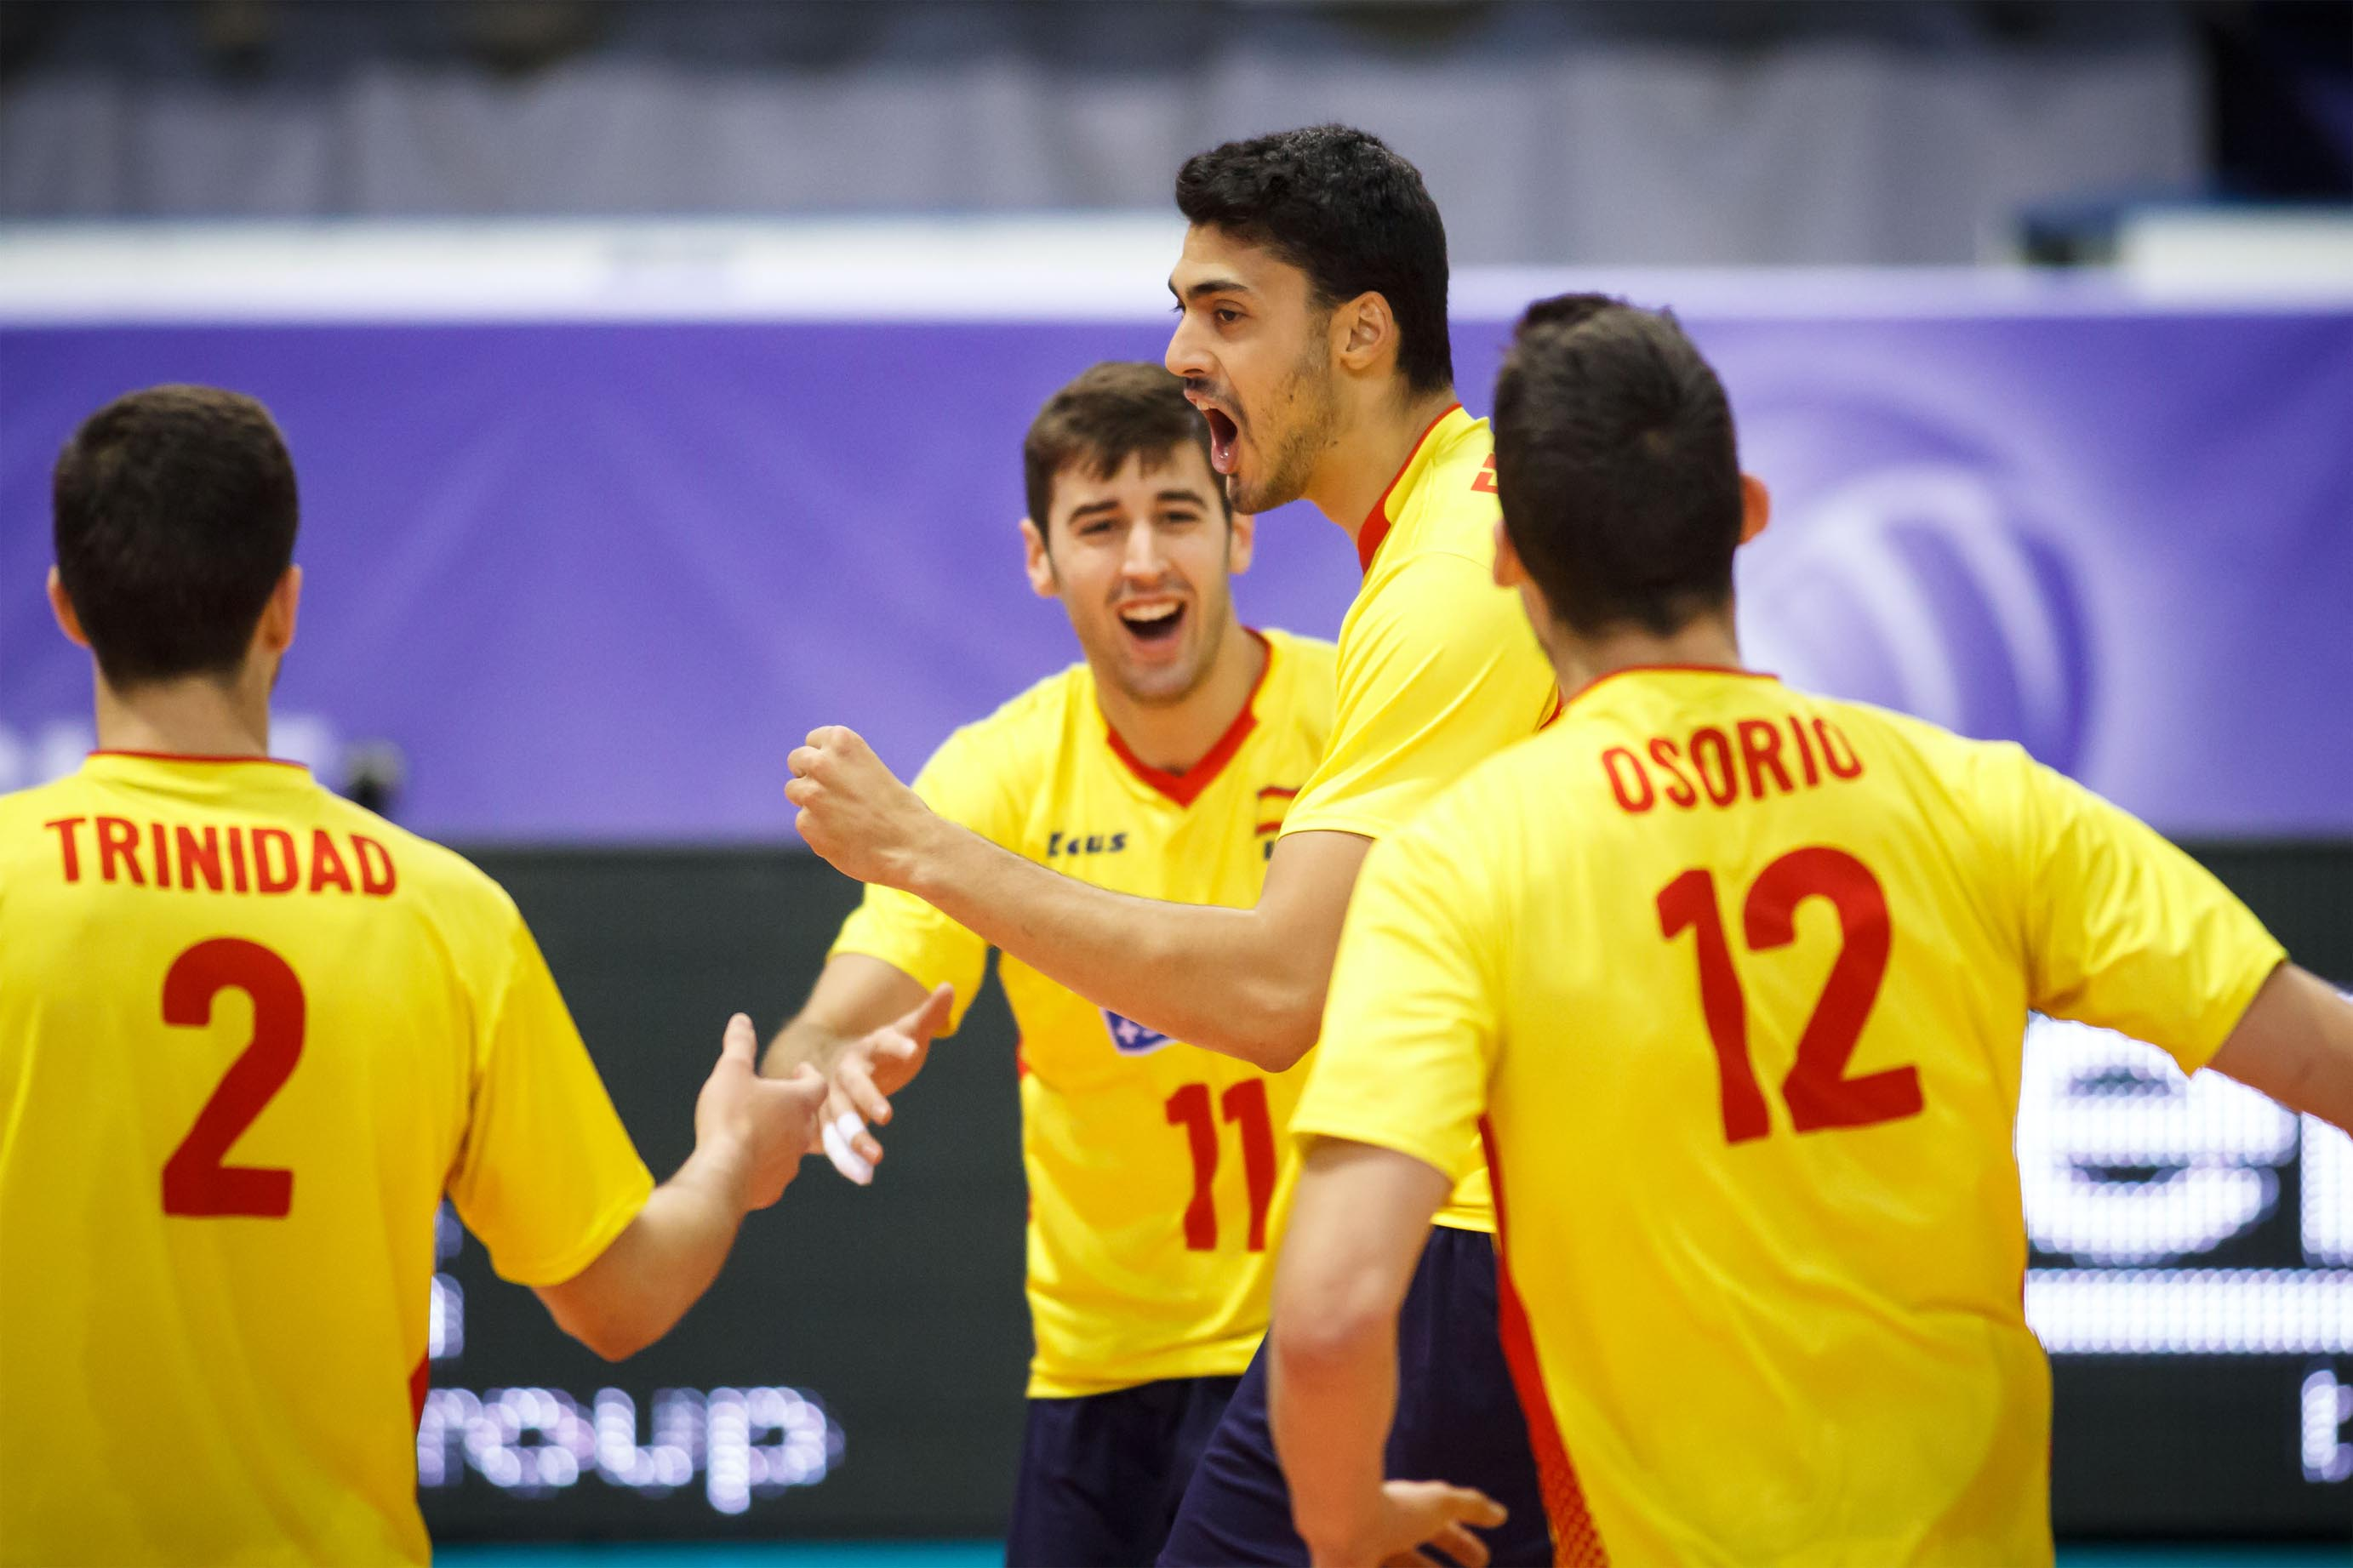 La selección española se despide de la Liga Mundial con un gran triunfo sobre Eslovaquia. Fuente: RFEVB